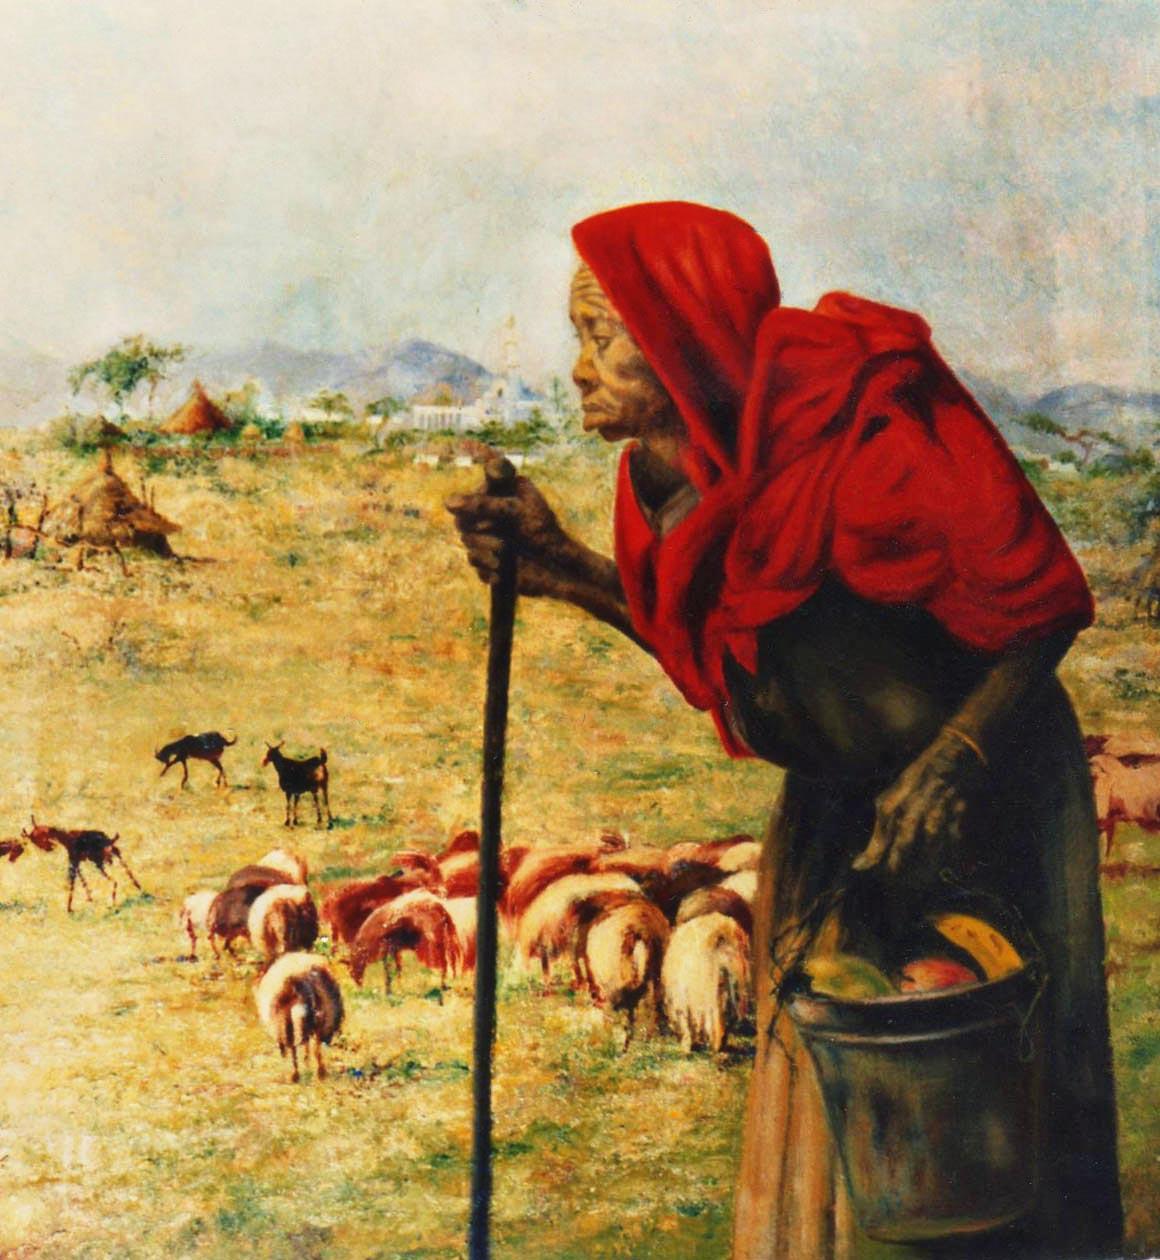 arte africana ritratto anziana pastora quadri africani olio su tela Sabbatino